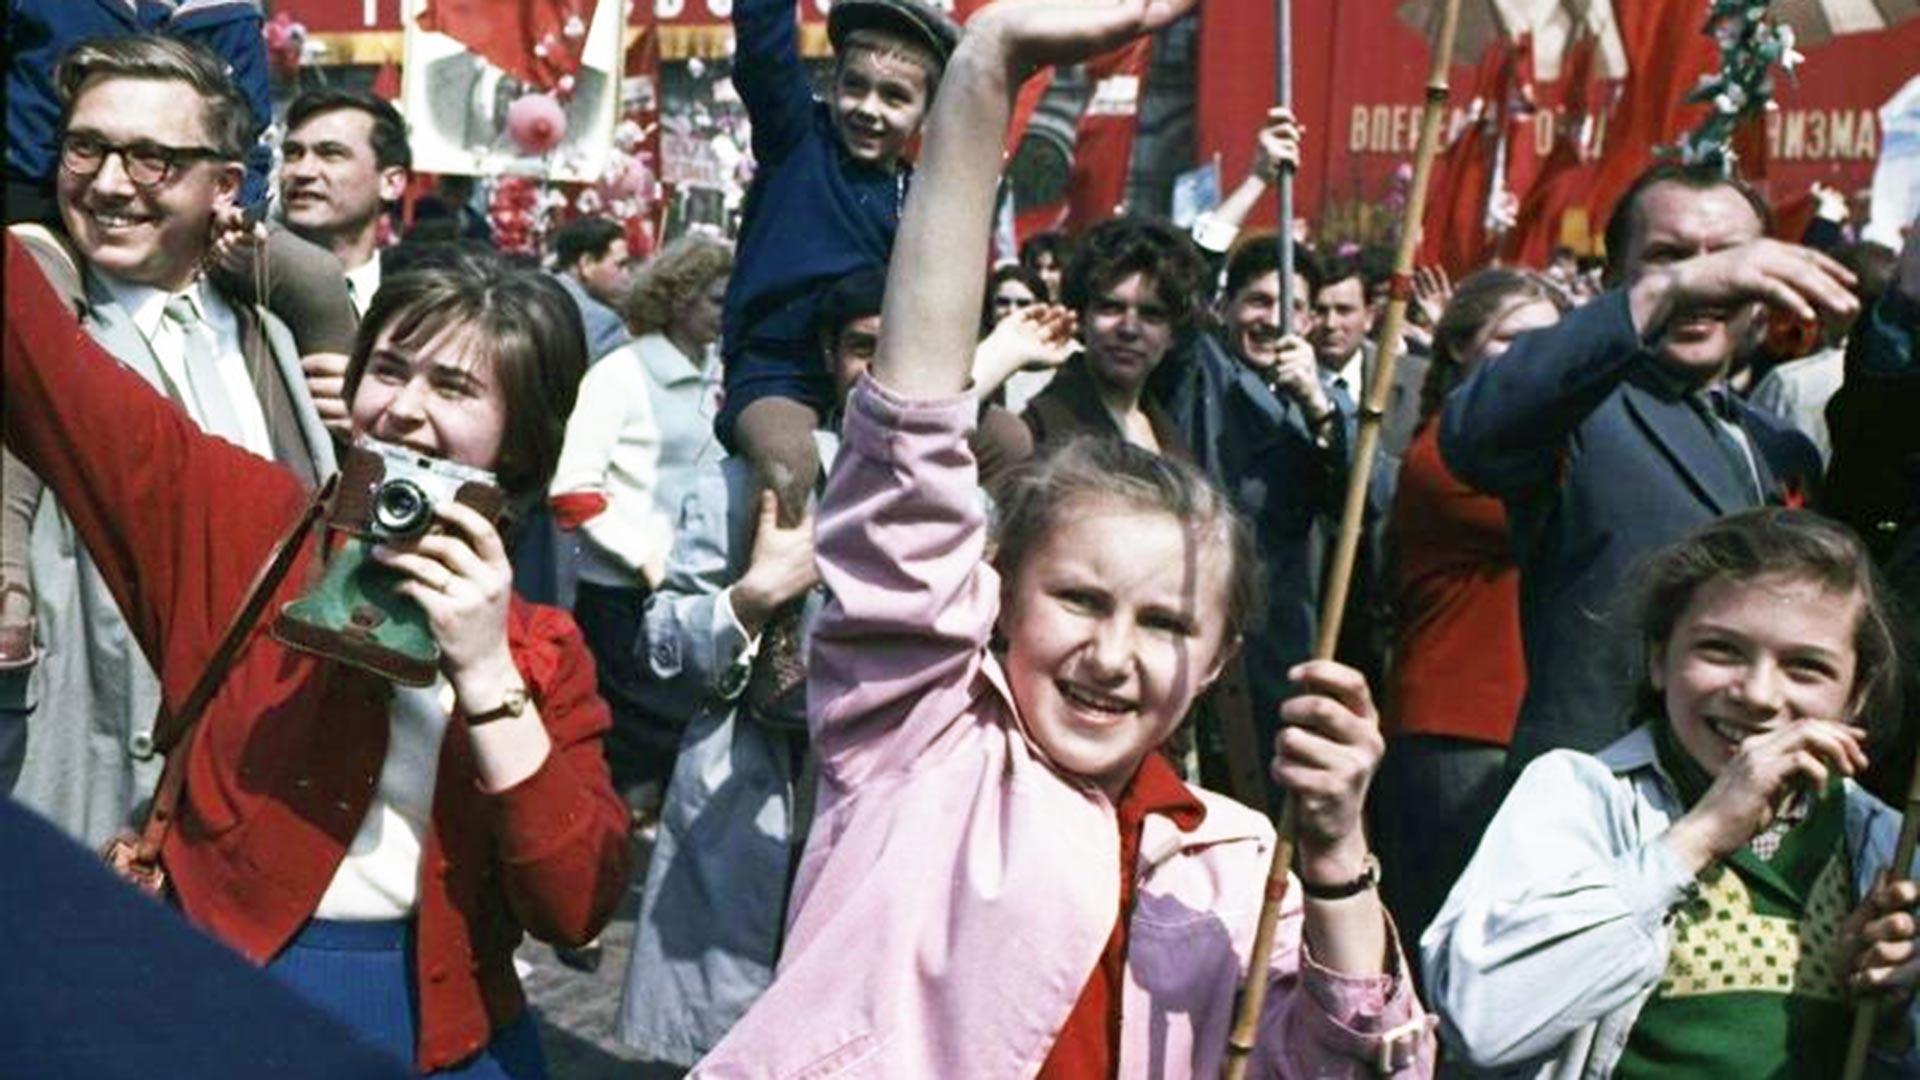 Jeunes avec banderoles et portraits de Vladimir Lénine, 1960